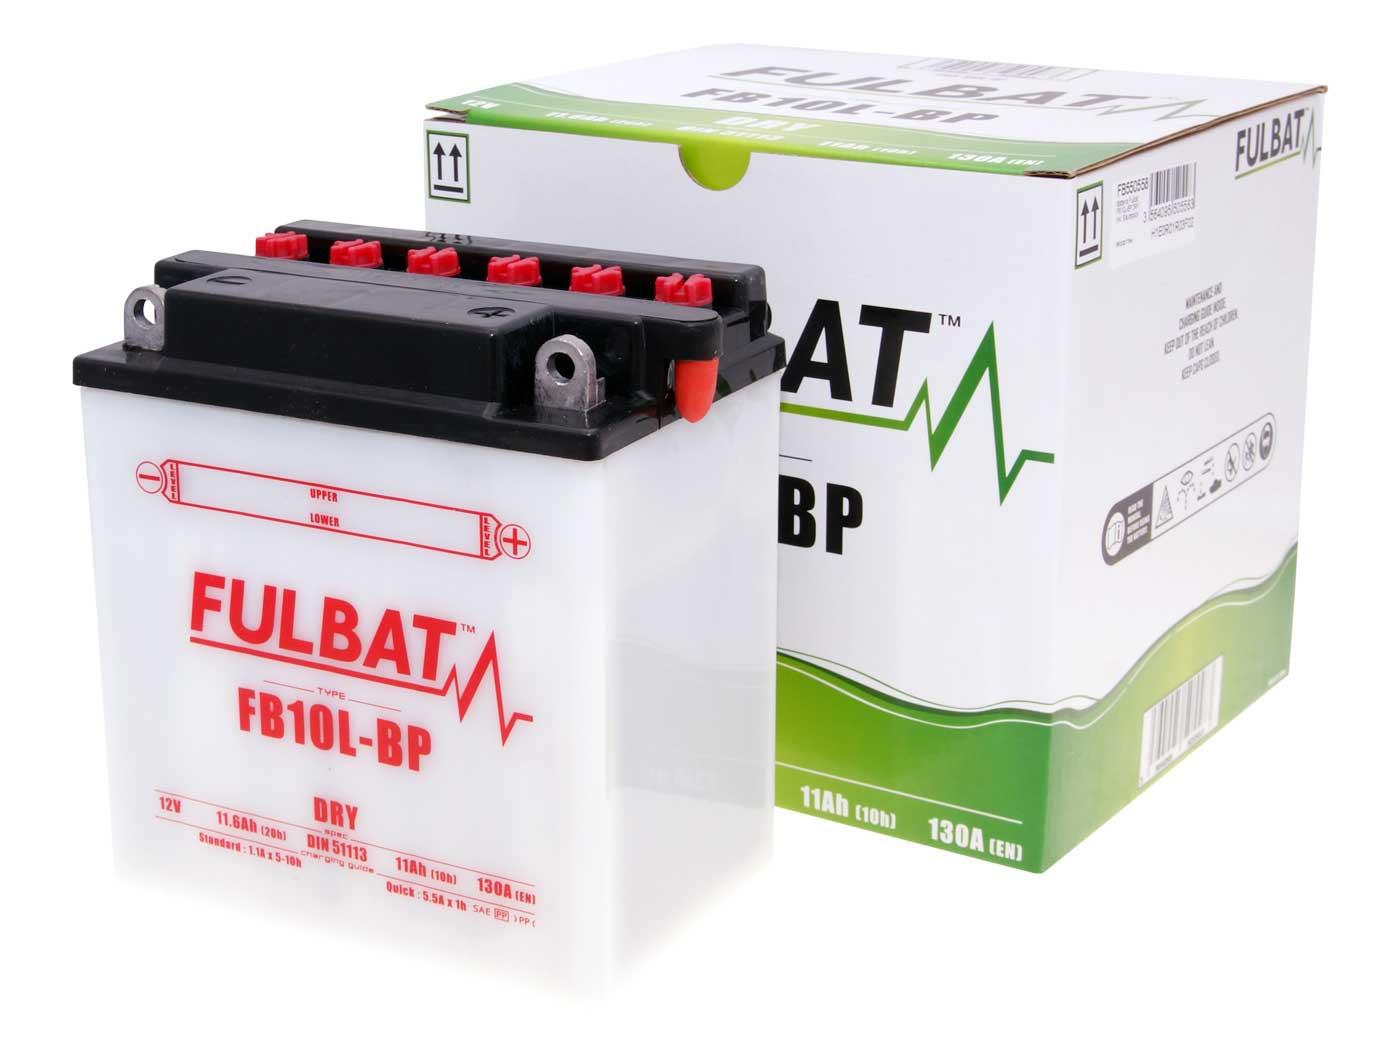 Fulbat FB10L-BP DRY száraz akkumulátor + savcsomag